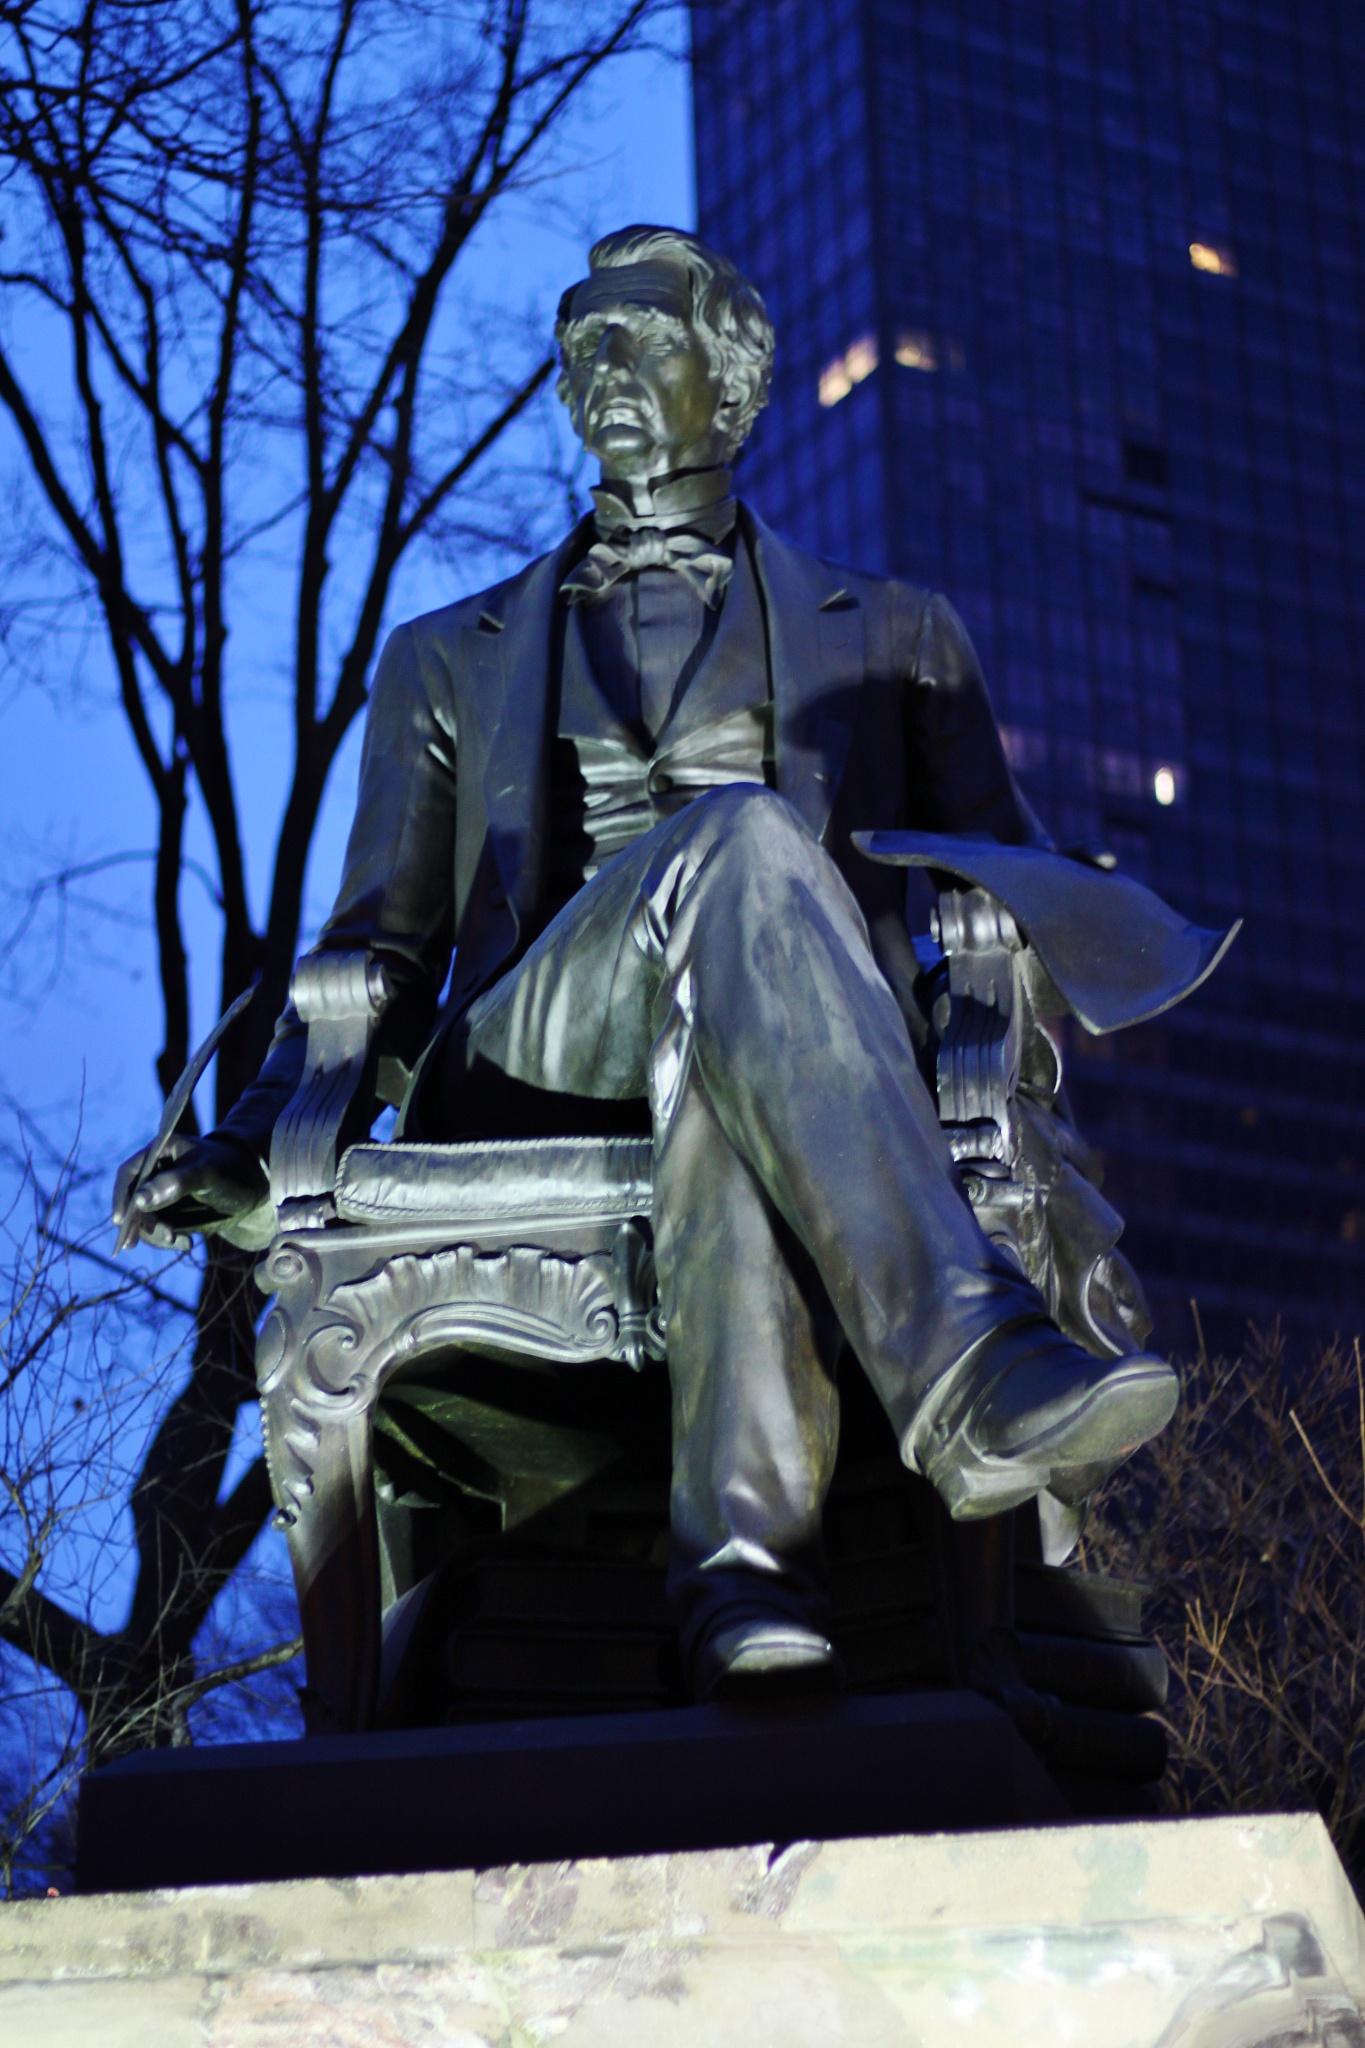 in the park statue, by Liborio Drogo